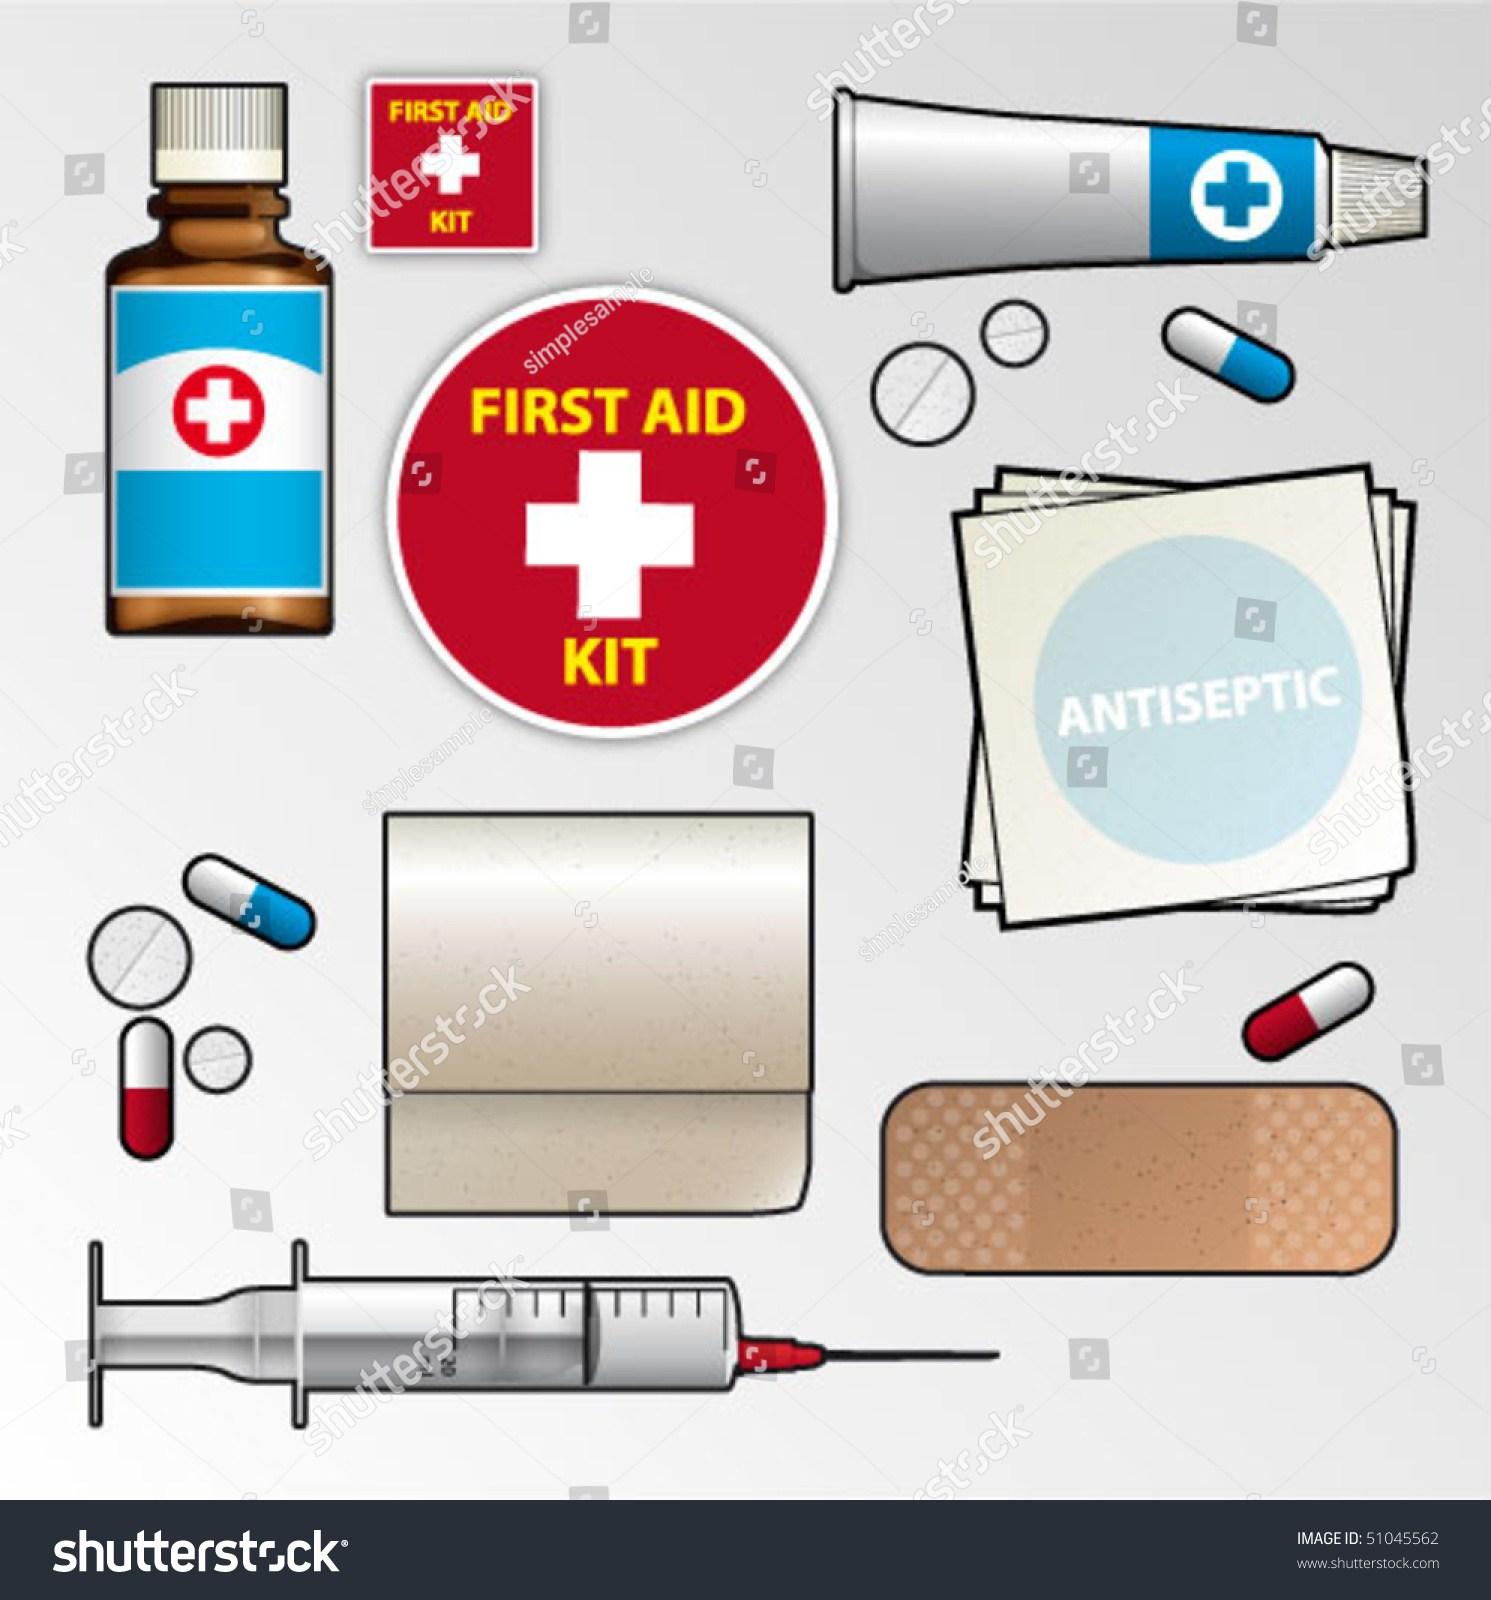 First aid kit supplies clipart 1 » Clipart Portal.